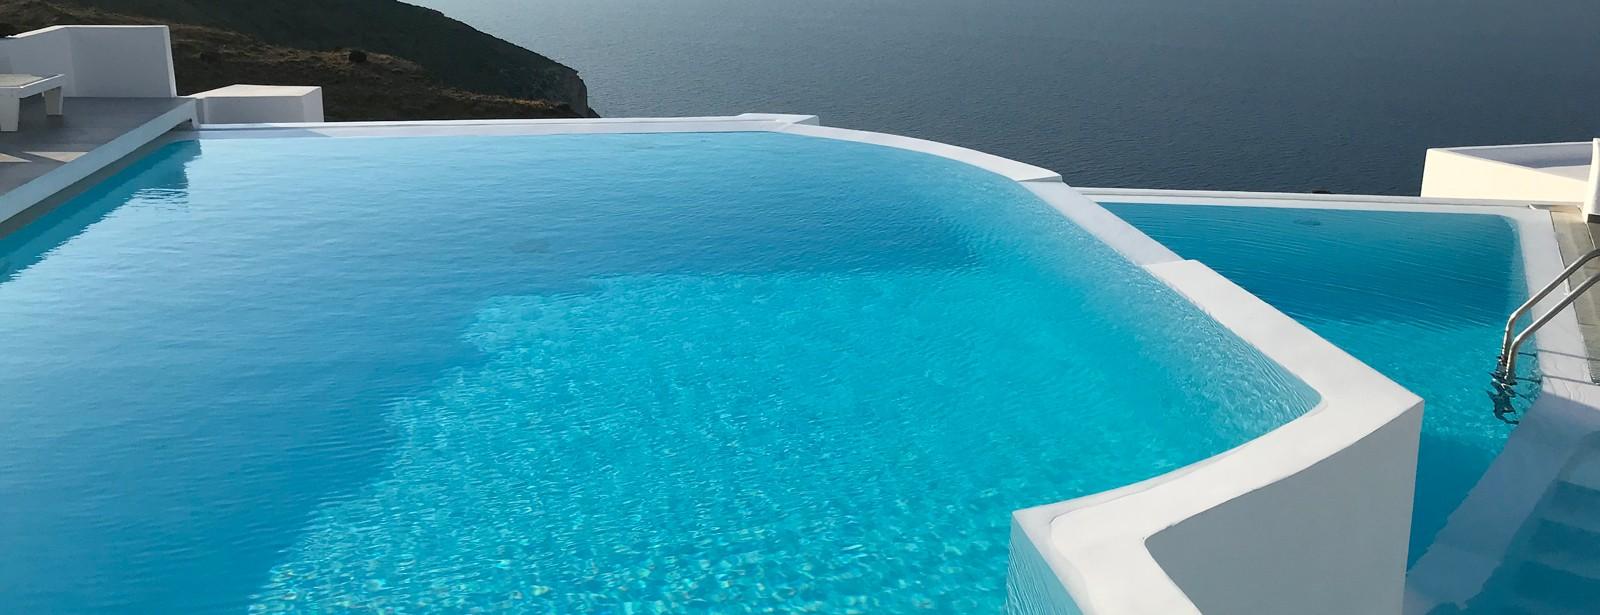 Pièces détachées pour les éléments de filtration de votre piscine